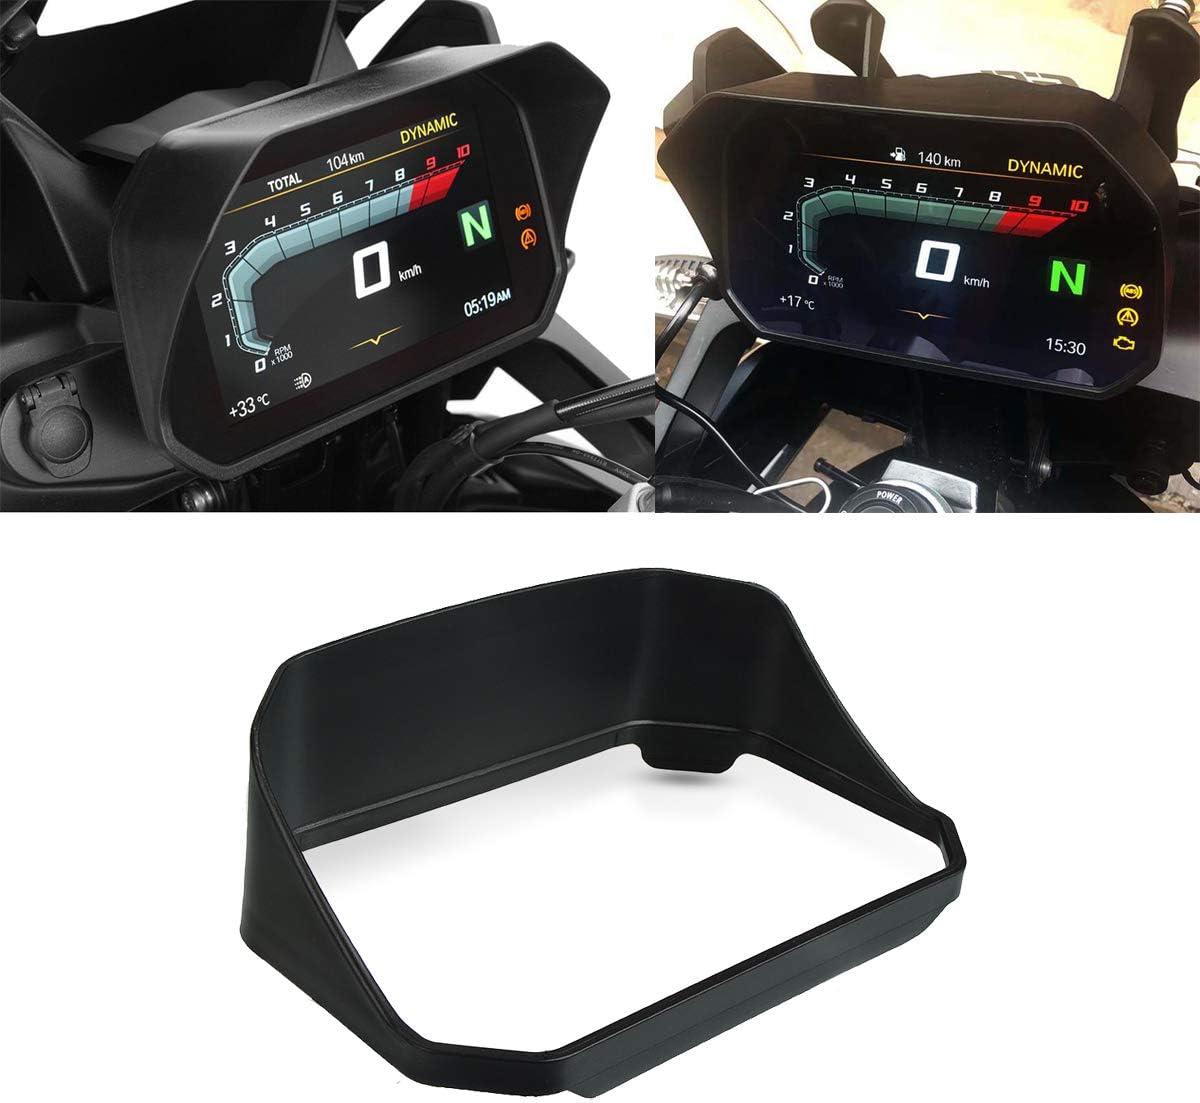 Motorrad Instrument Schildabdeckung Visier Sonnenblende Schild Für C400 X F750gs F850gs 2018 2020 F850gs Adv 2019 2020 F900r F900xr R1200gs Lc 2017 2020 R1200gs Lc Adv 2014 2020 Auto